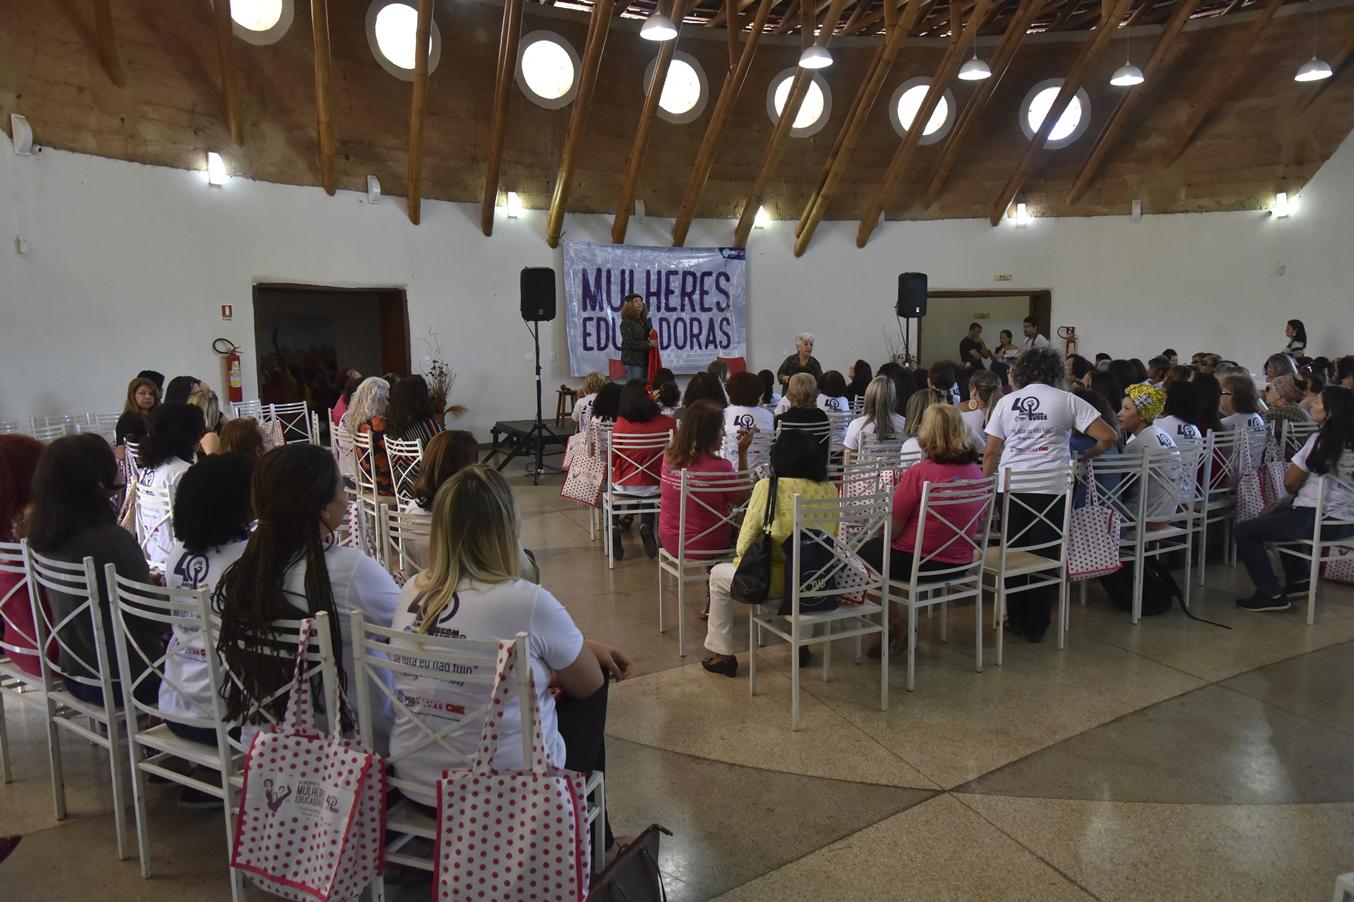 2019.04.27_ENCONTRO-MULHERES-EDUCADORAS_fotos-Deva-Garcia-38